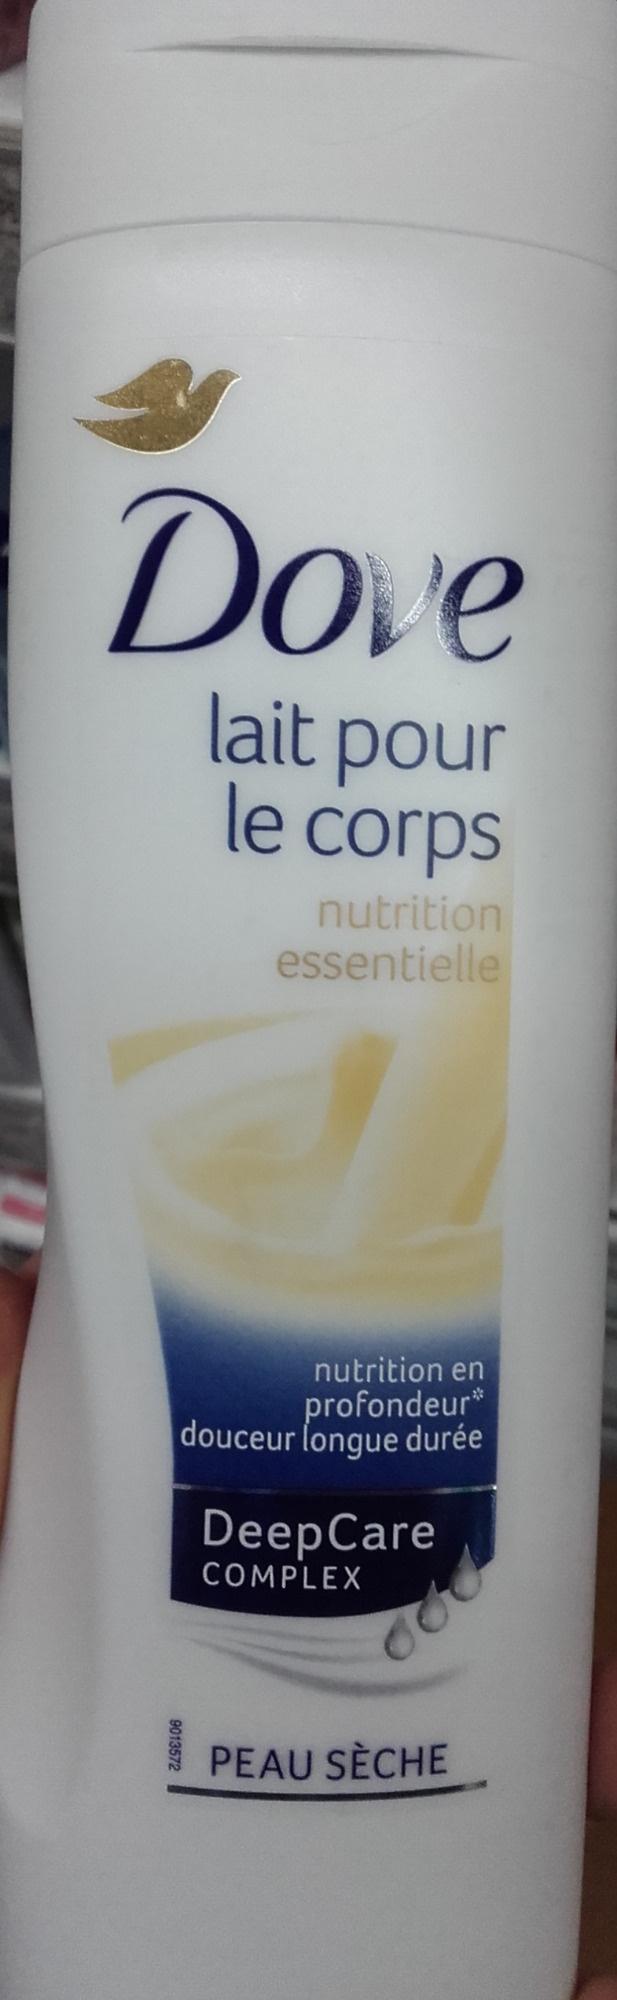 Lait pour le corps nutrition essentielle - Produit - fr